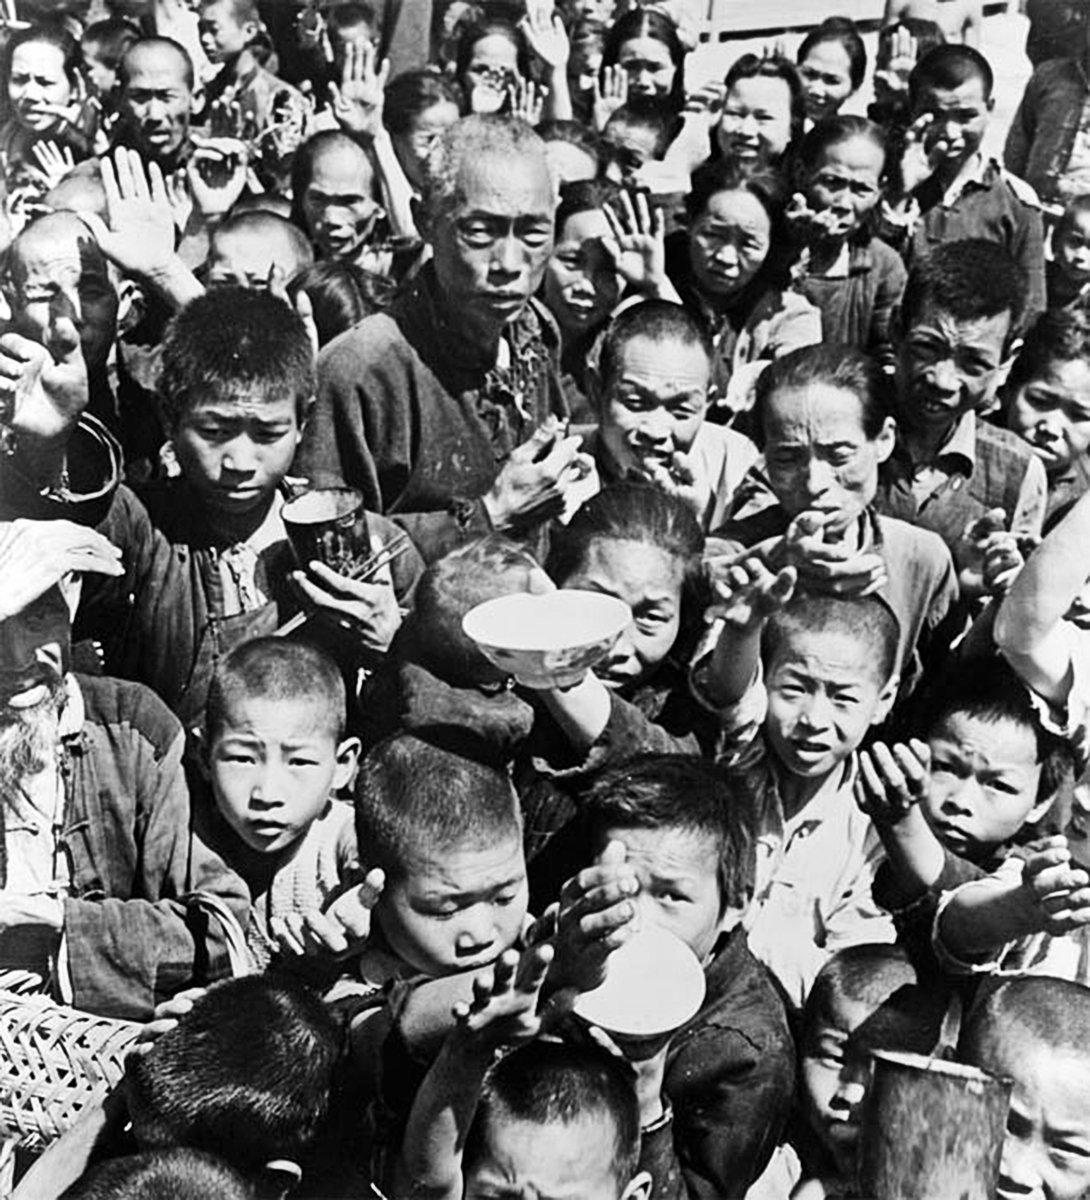 大饑荒時期,大批餓死人時,中共紅色畫家還在繼續為中共歌功頌德。(網絡圖片)